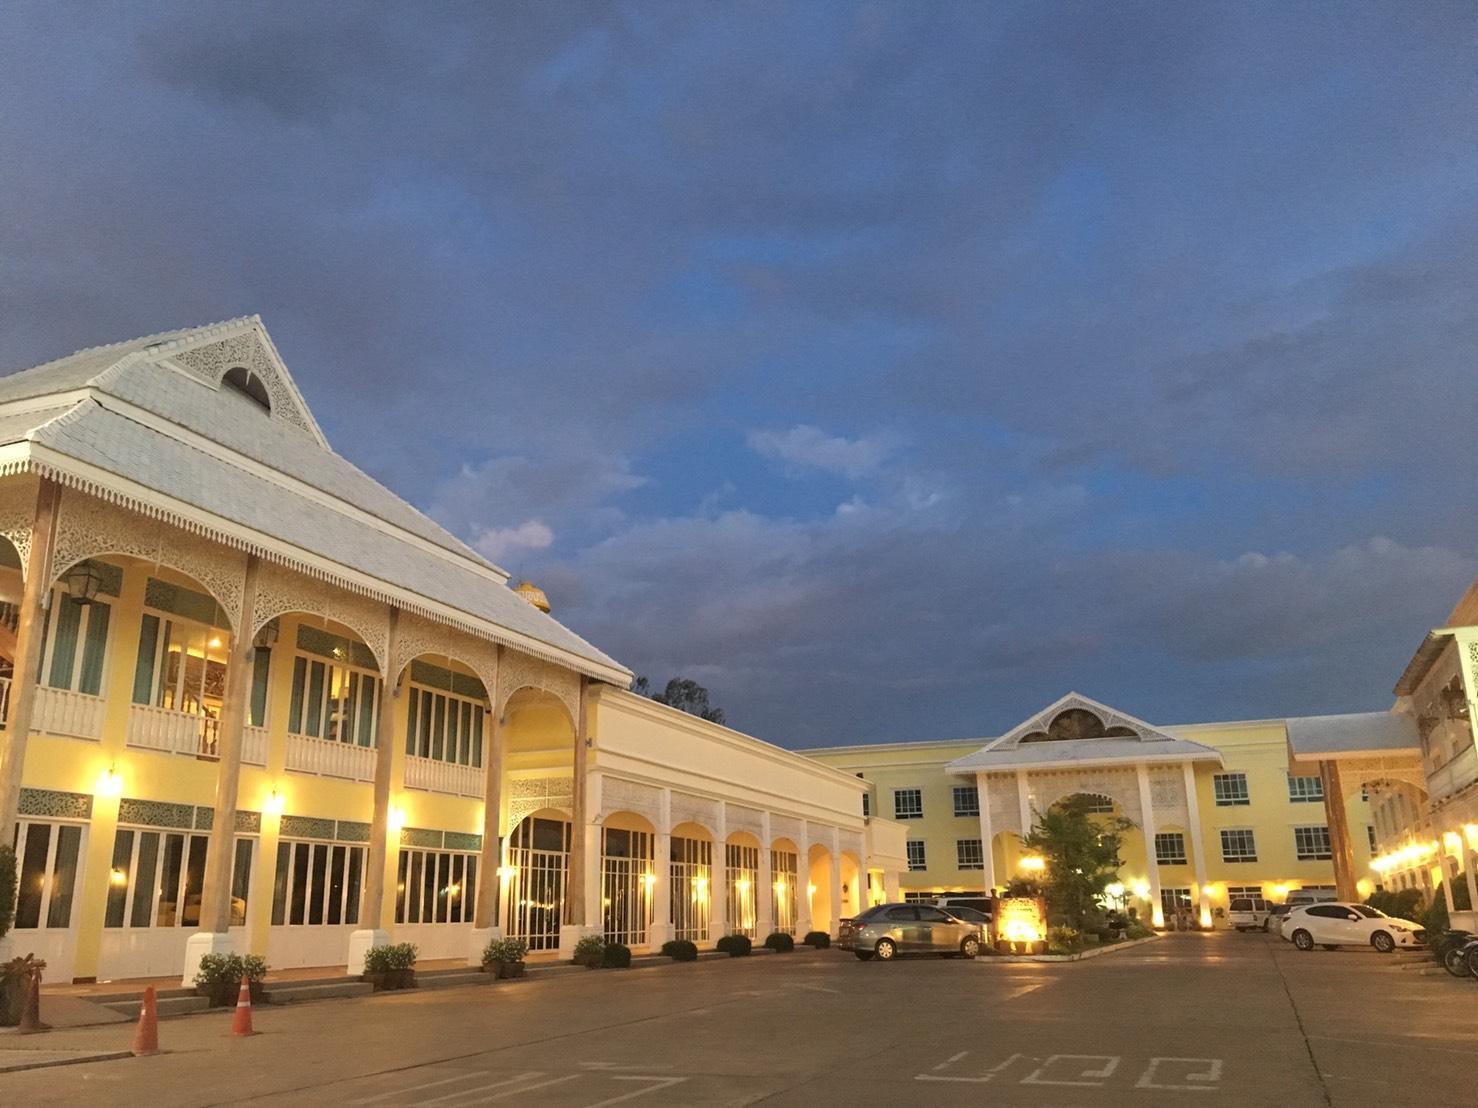 amonruk hotel